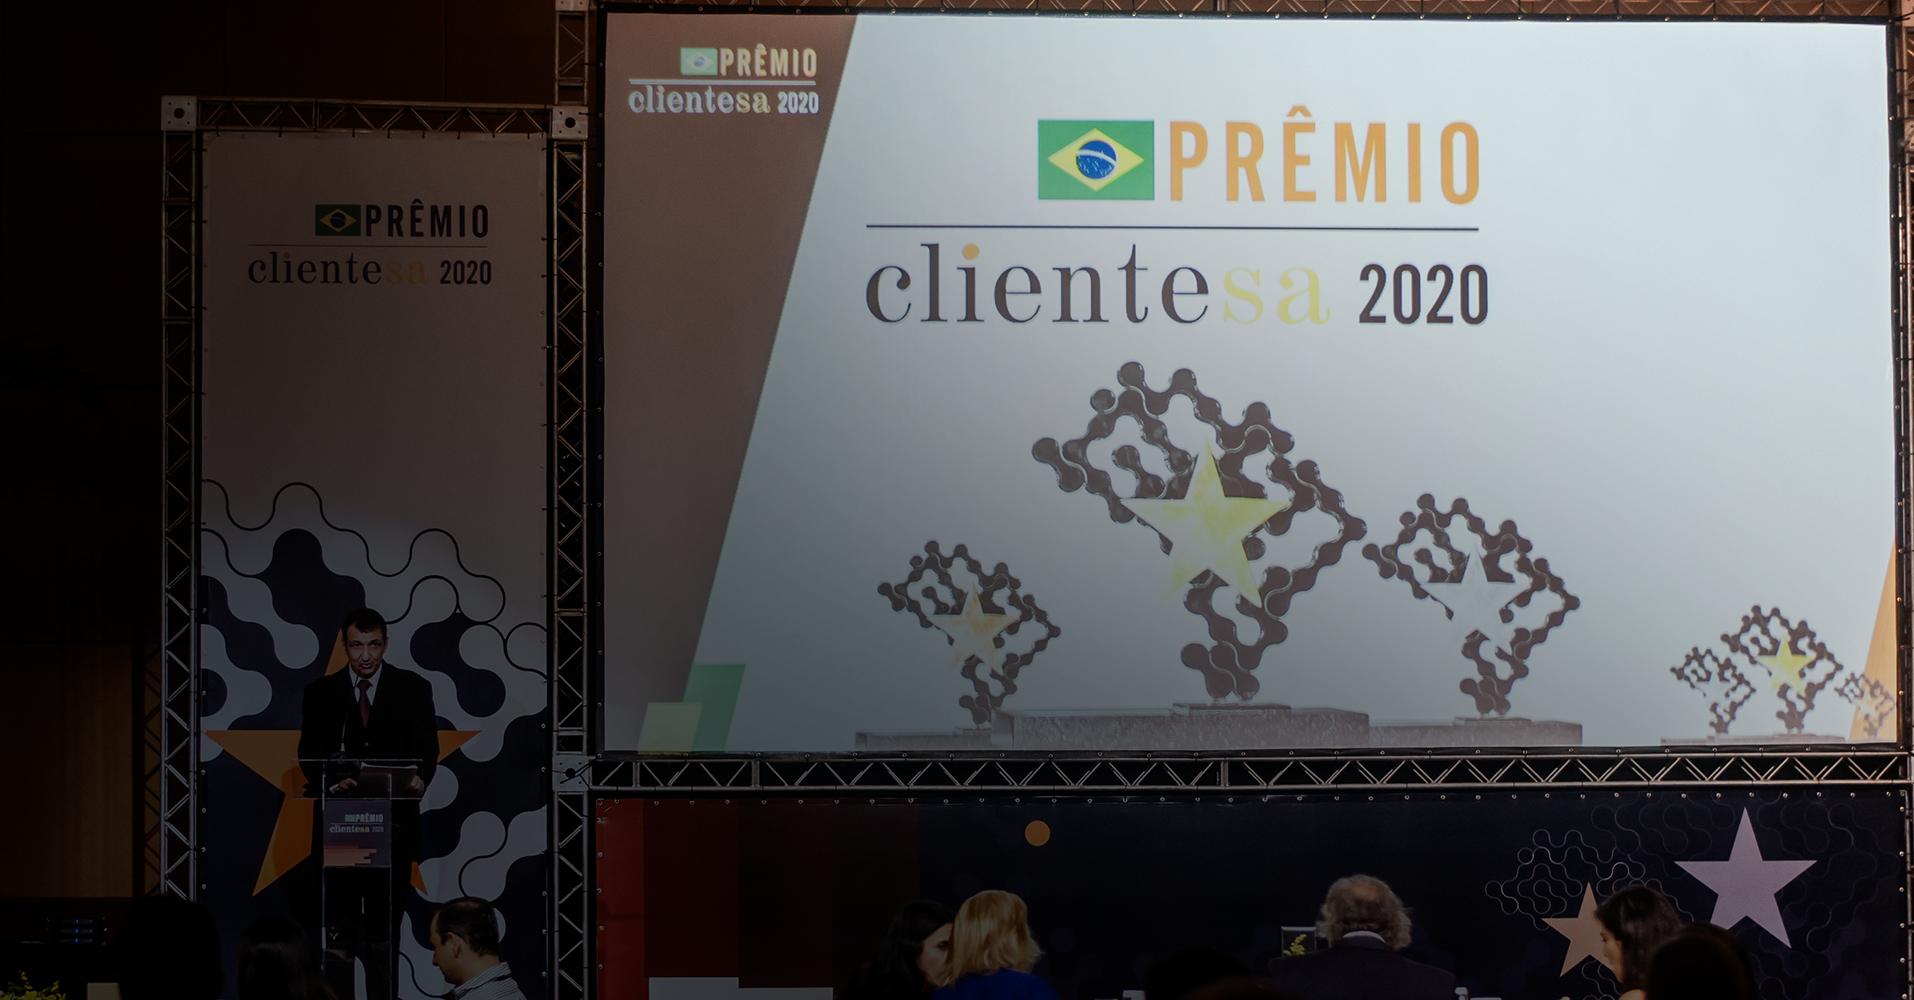 Prêmio ClienteSA 2020: Flex conquista o ouro na categoria Líder Estratégico